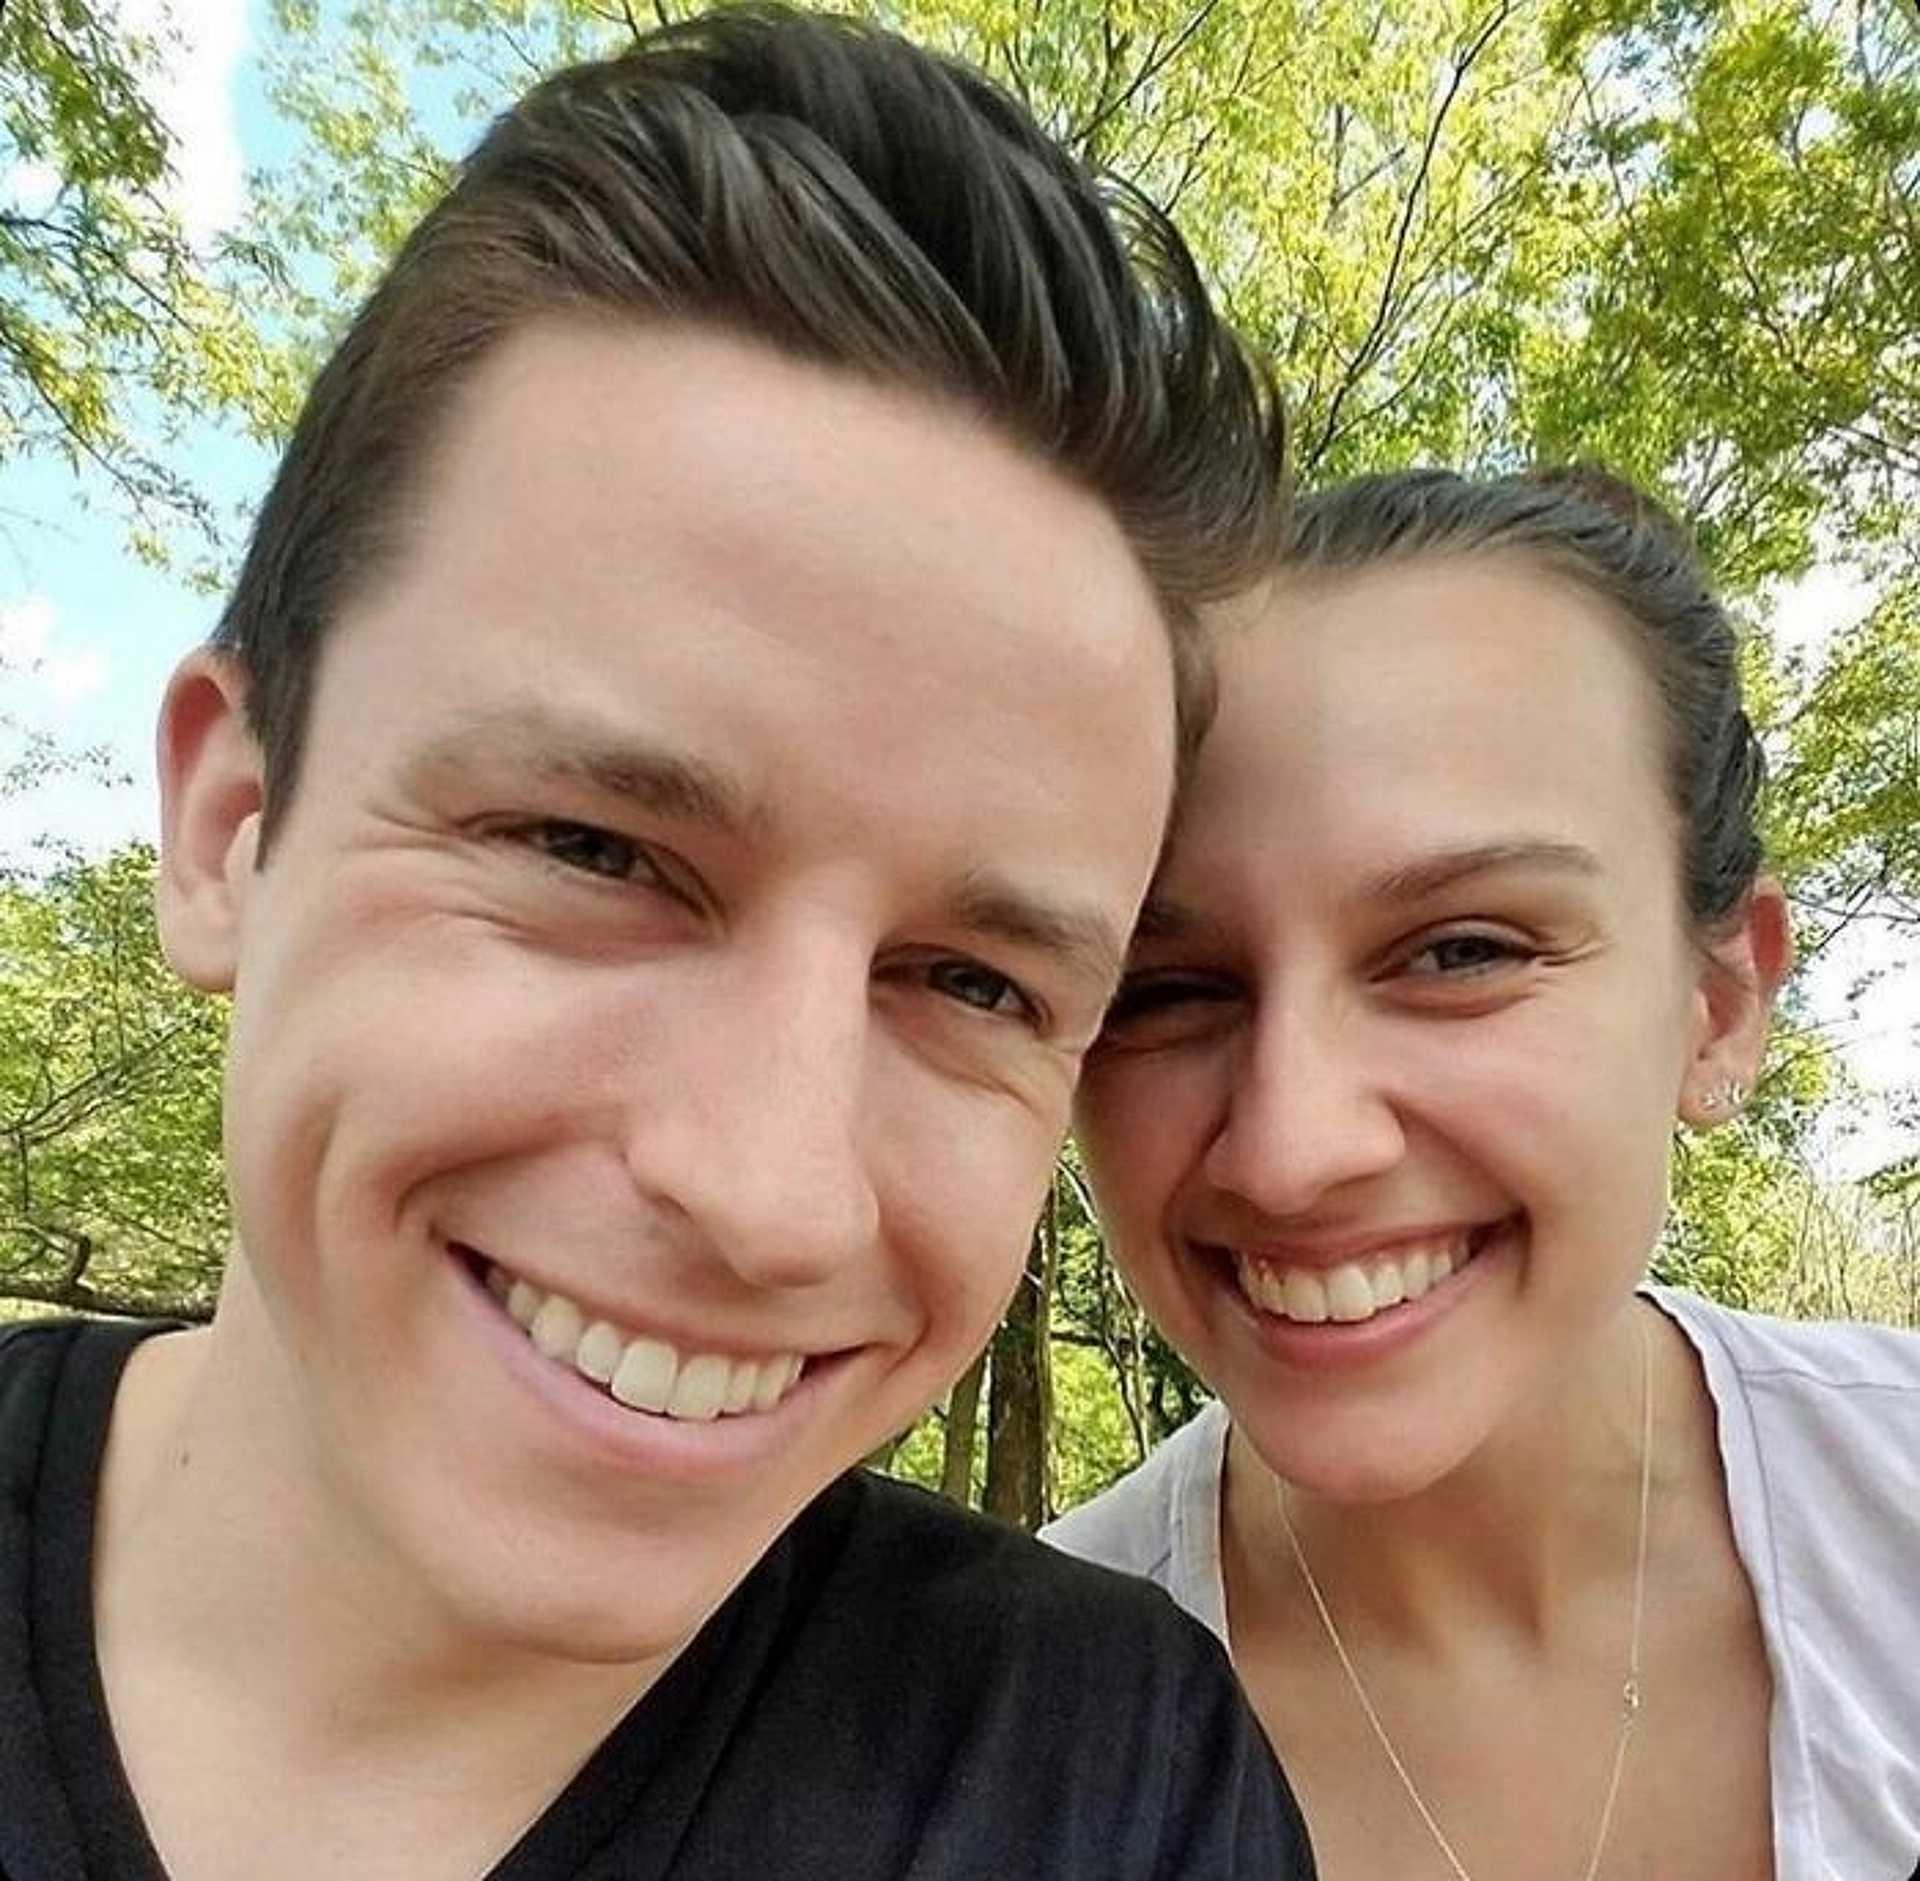 Siblings or Dating? - randiznak